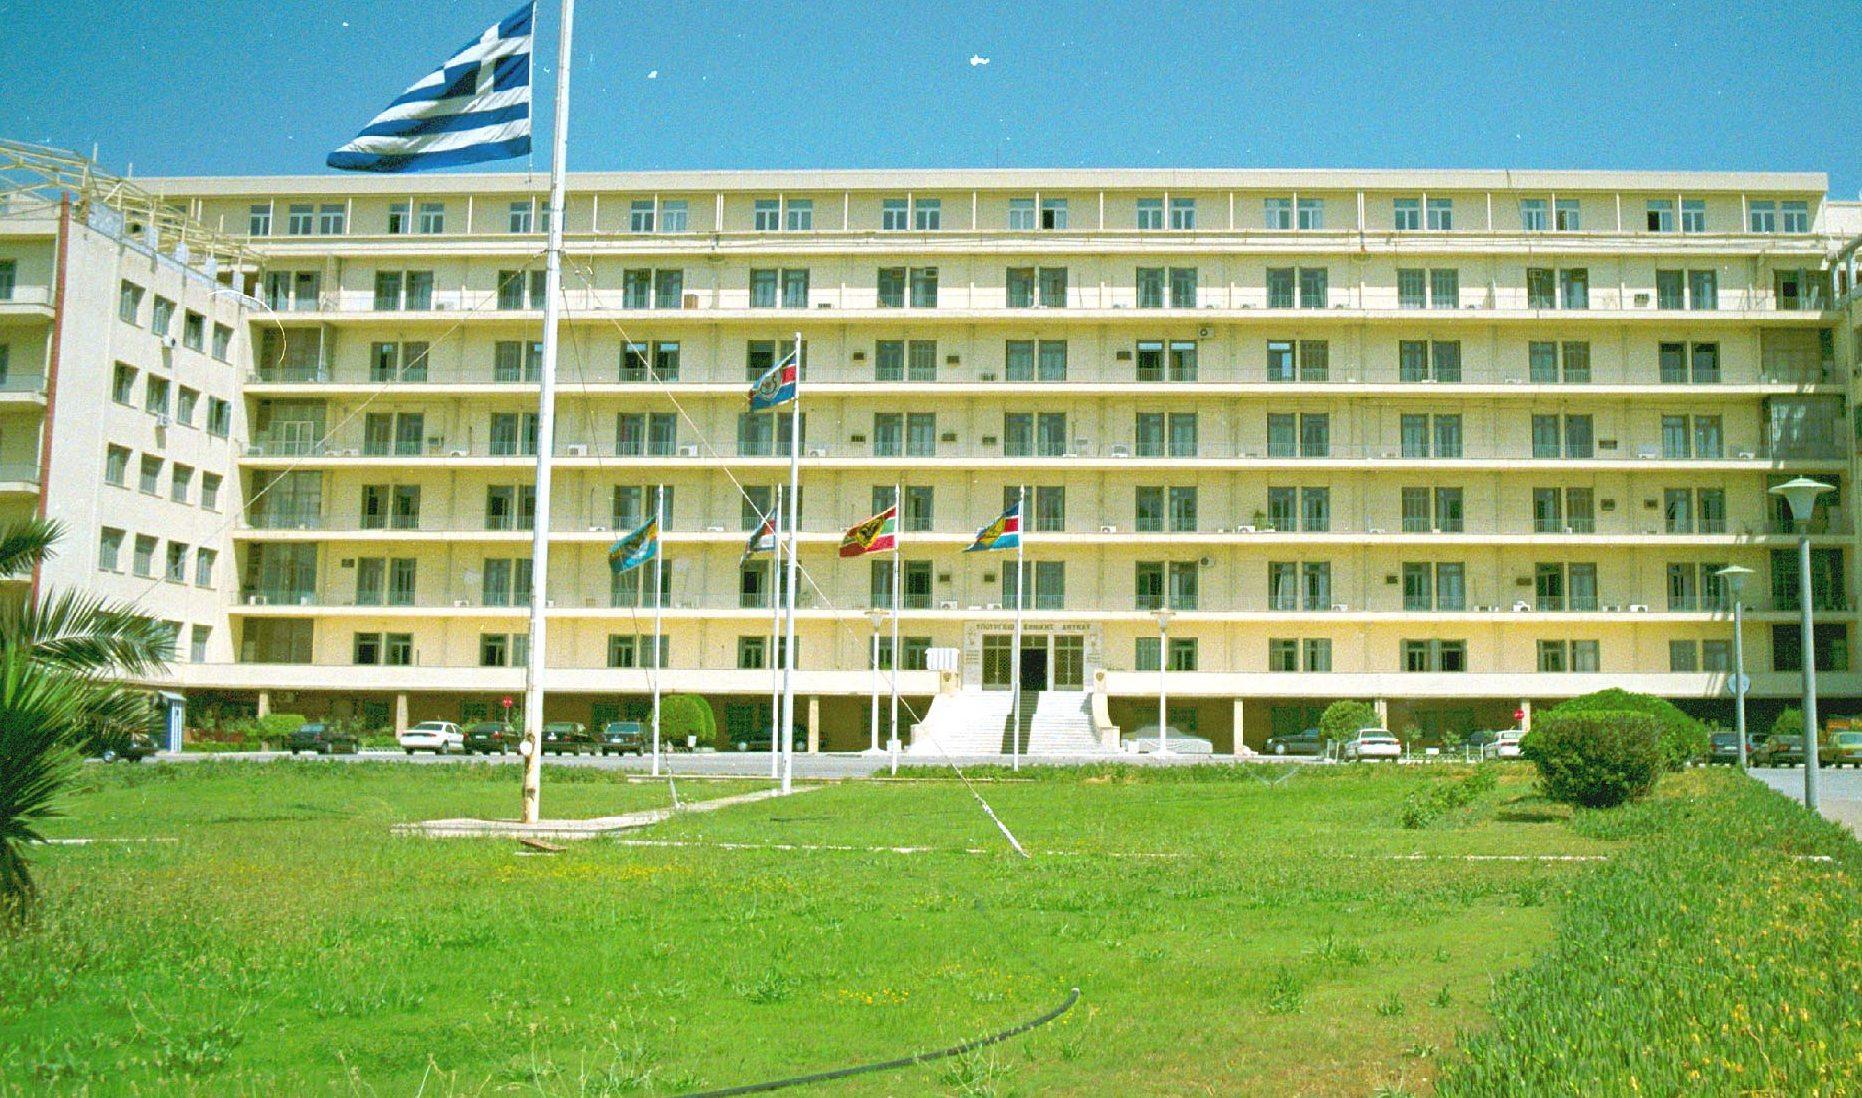 Υπουργείο εθνικής αμυνας